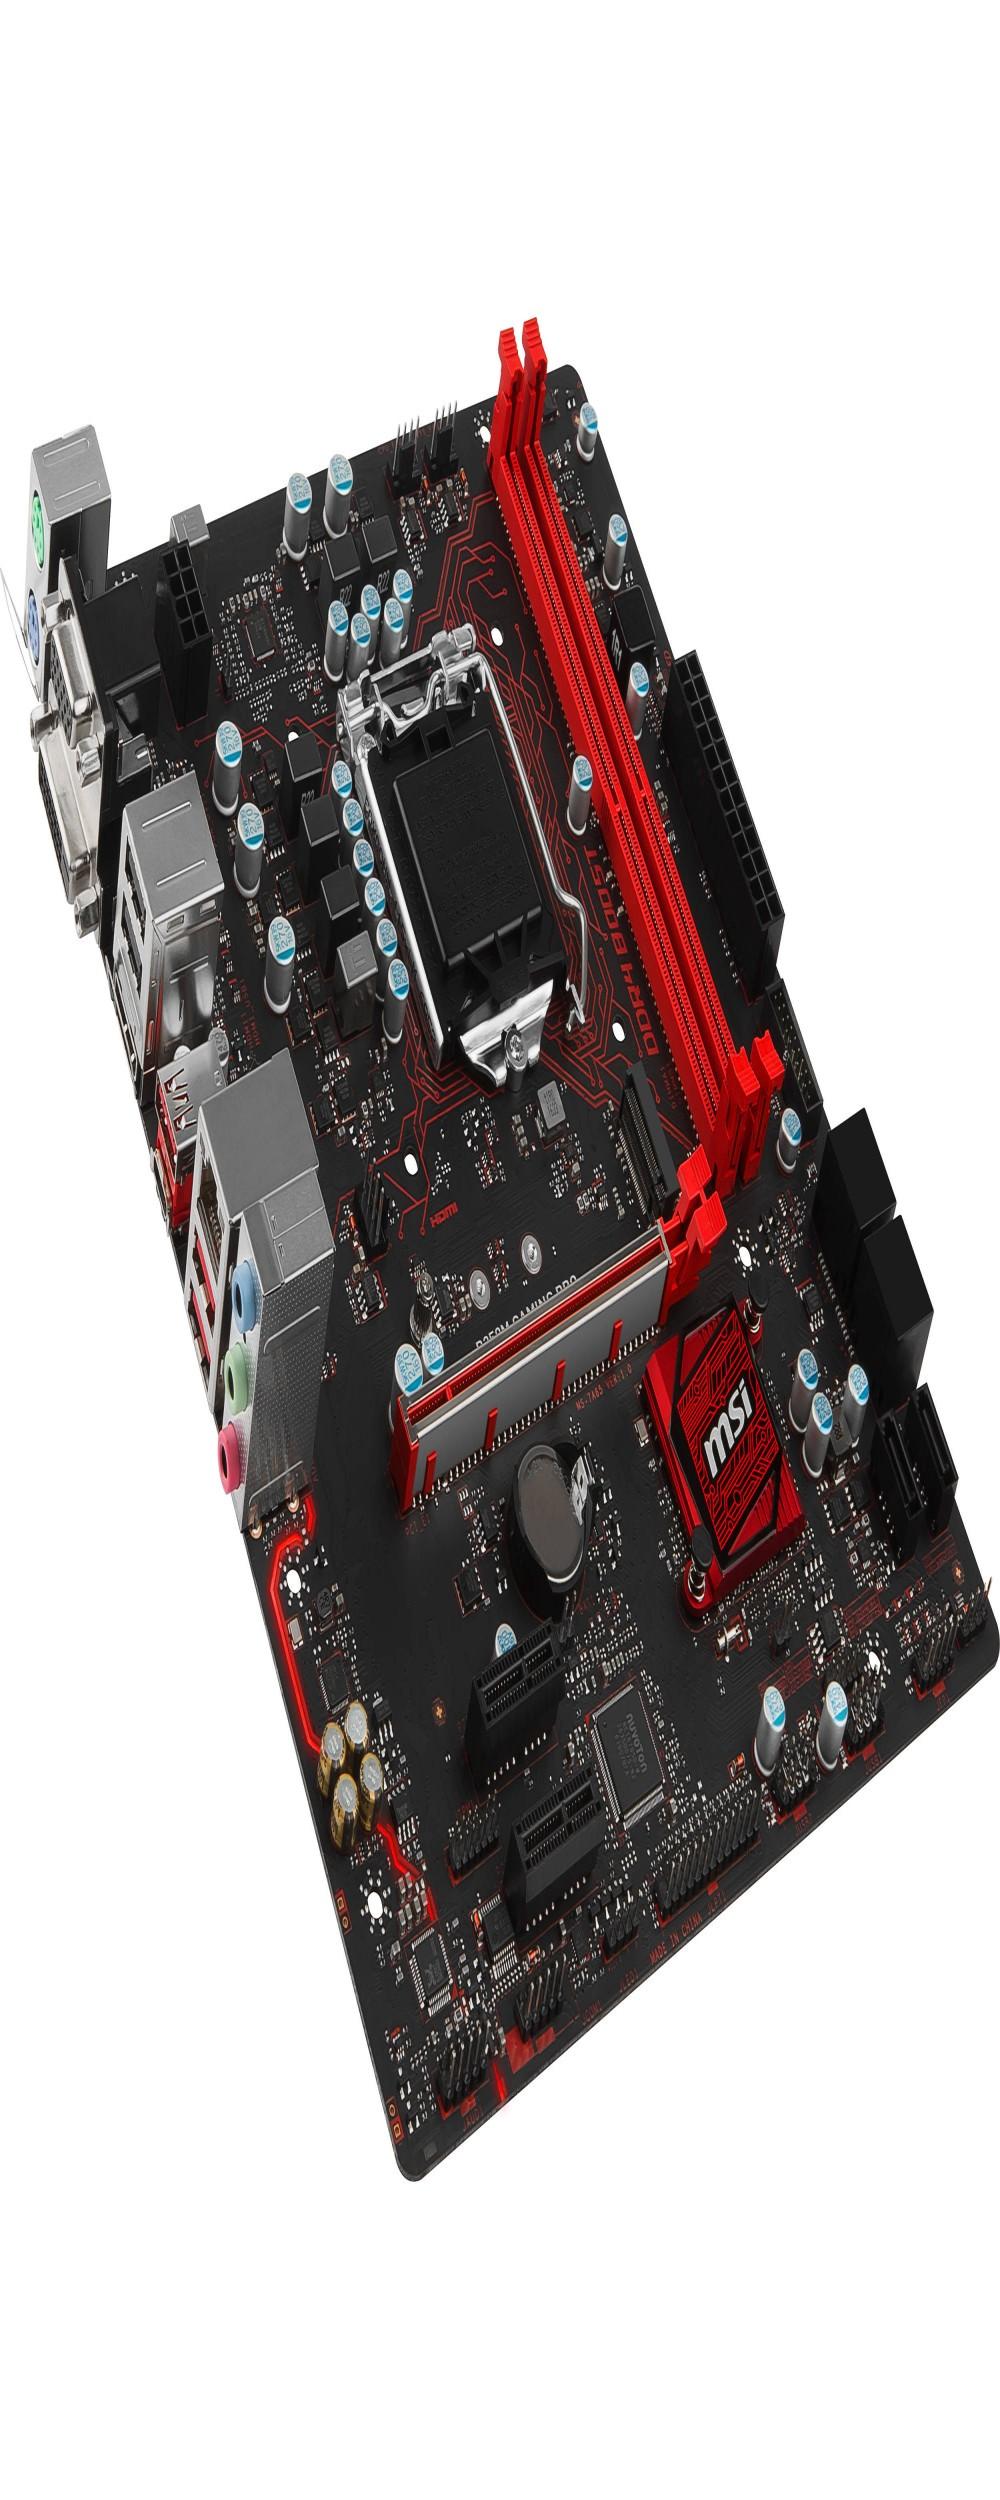 Placa Mãe MSI B250M Gaming Pro Intel Soquete LGA 1151